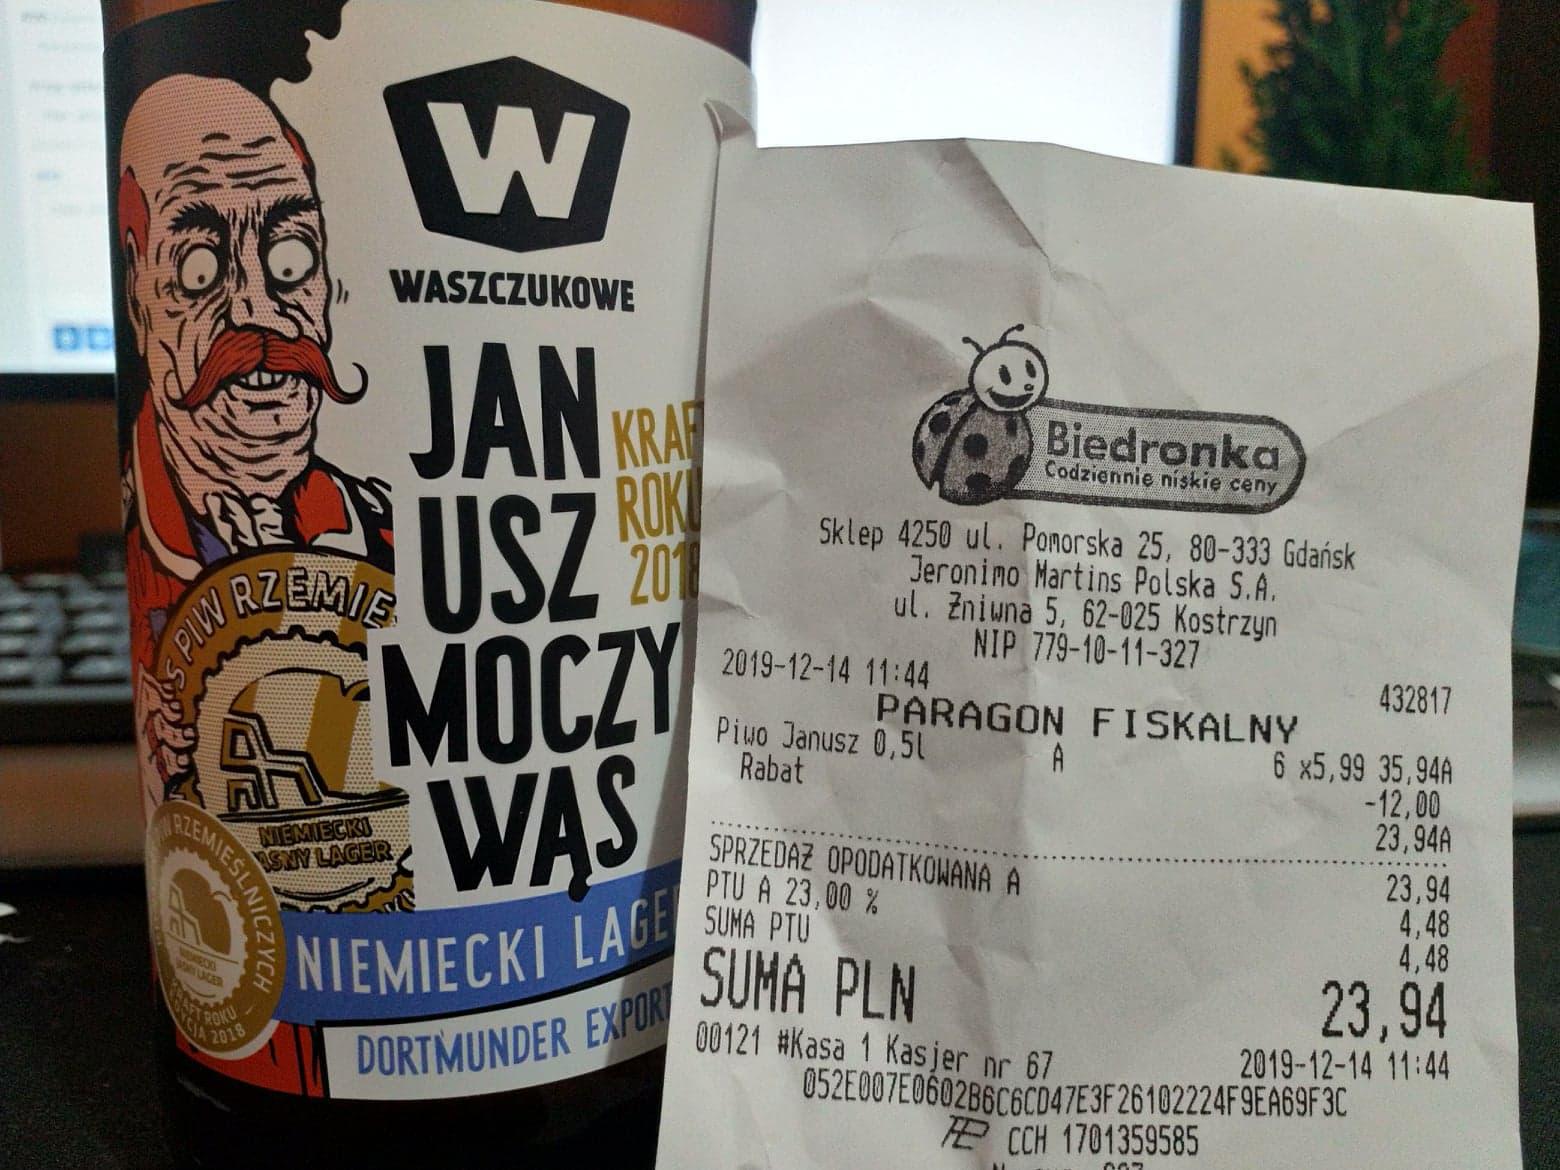 Piwo. Janusz Moczywąs . Biedronka. Niemiecki Lager. Browar Waszczukowe.